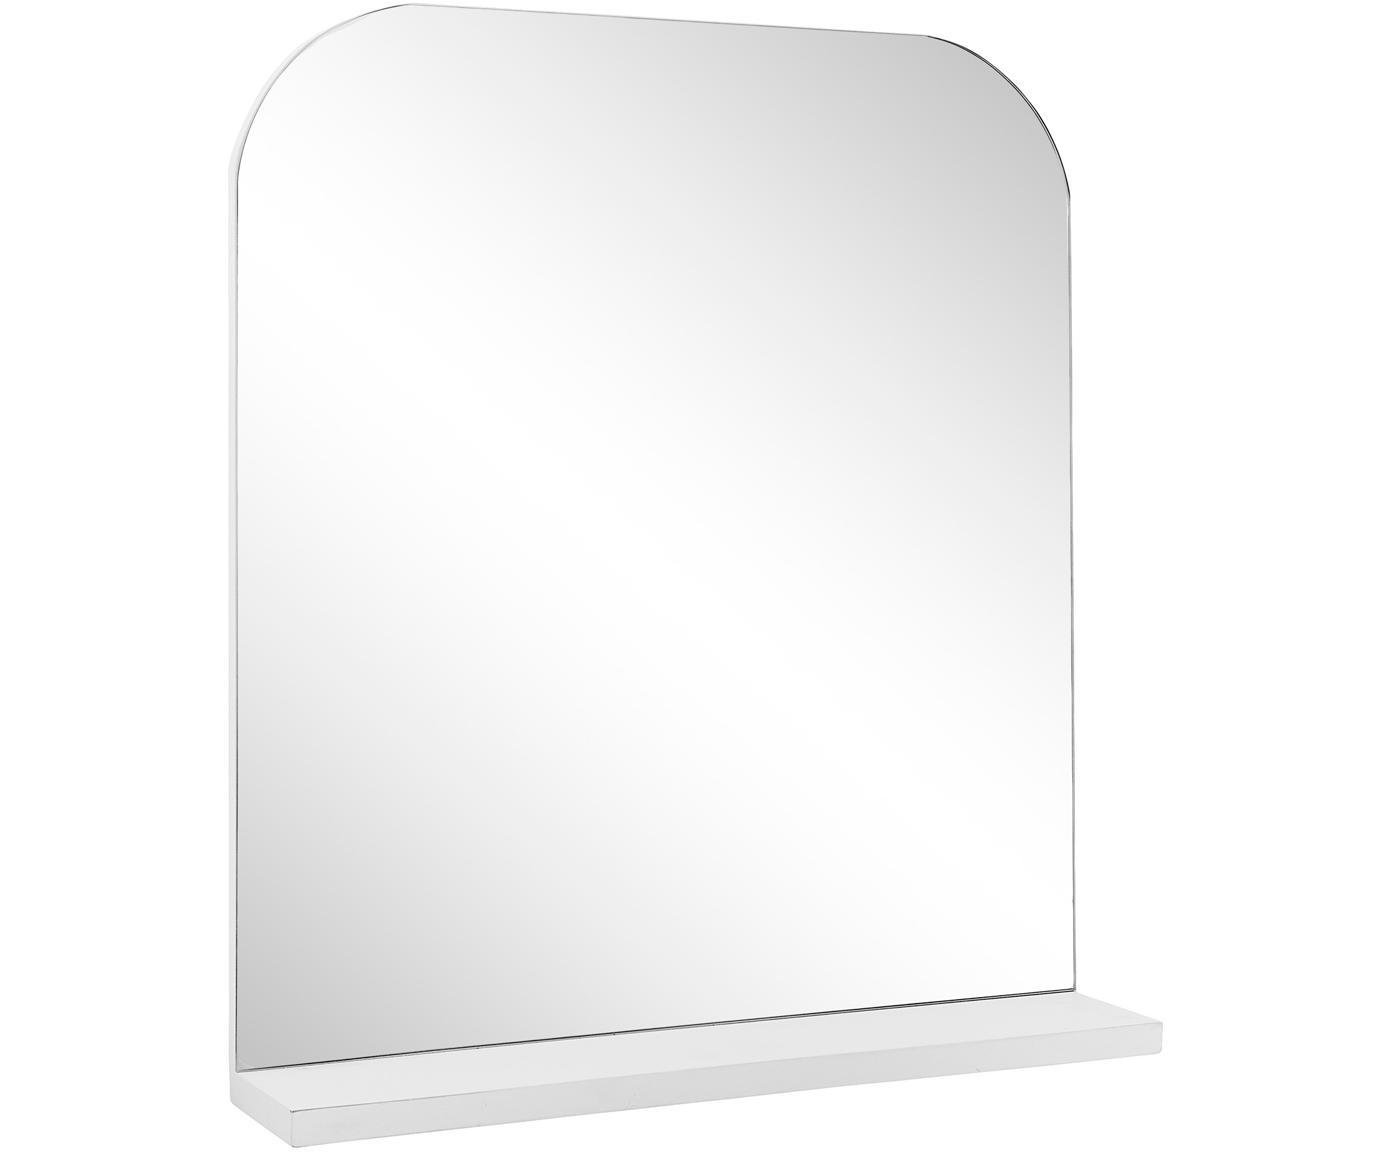 Wandspiegel Pina mit weisser Ablagefläche, Ablagefläche: Holz, Spiegelfläche: Spiegelglas, Weiss, 55 x 63 cm